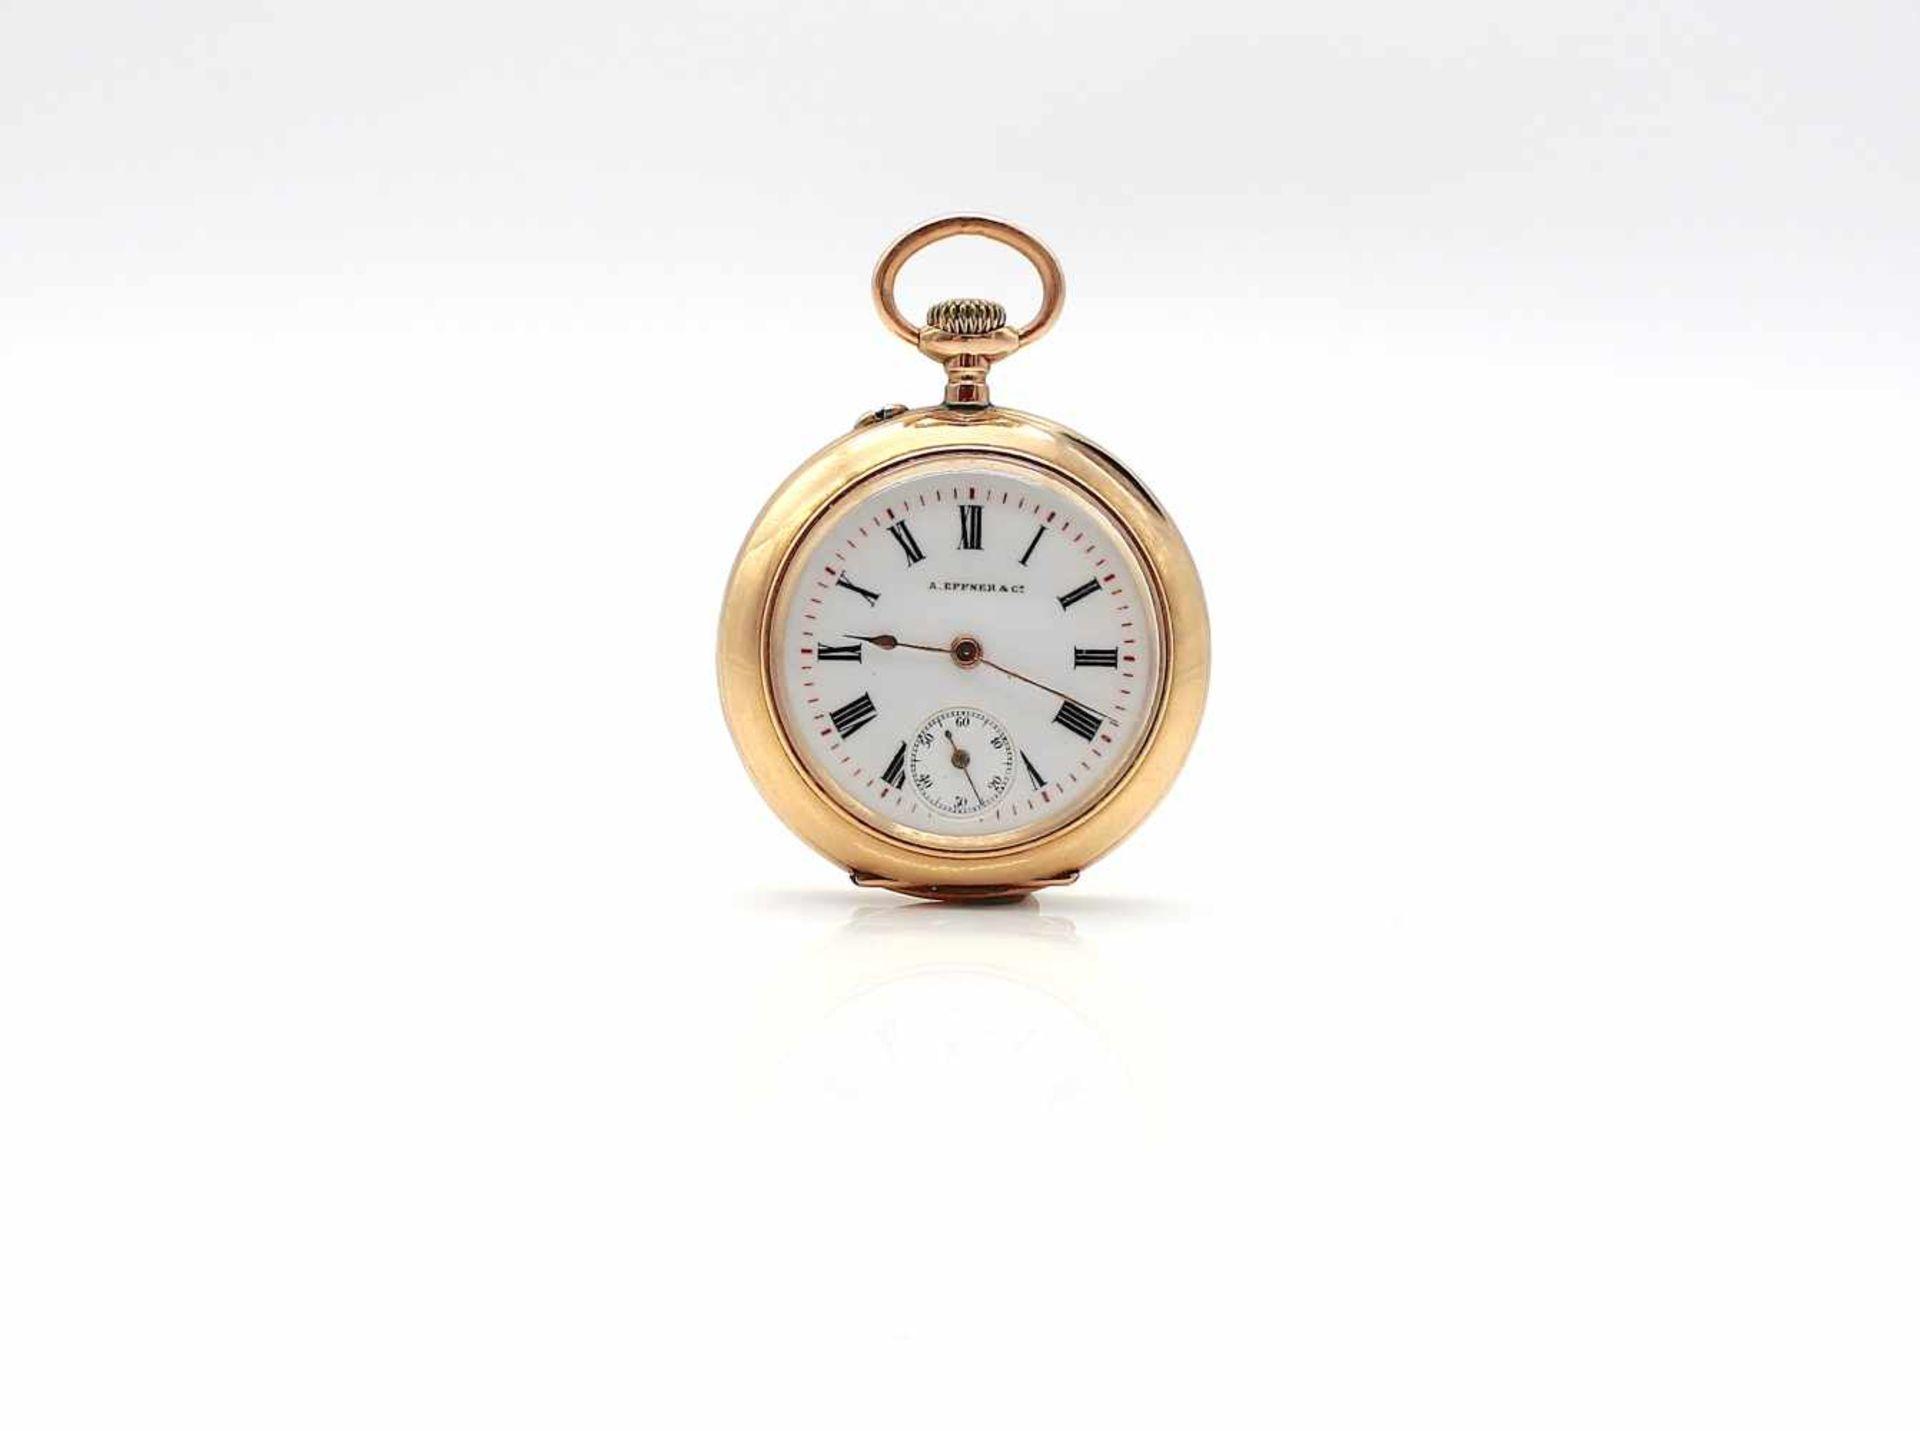 Los 29 - Taschenuhr A. Espner & Co. 585 Gold